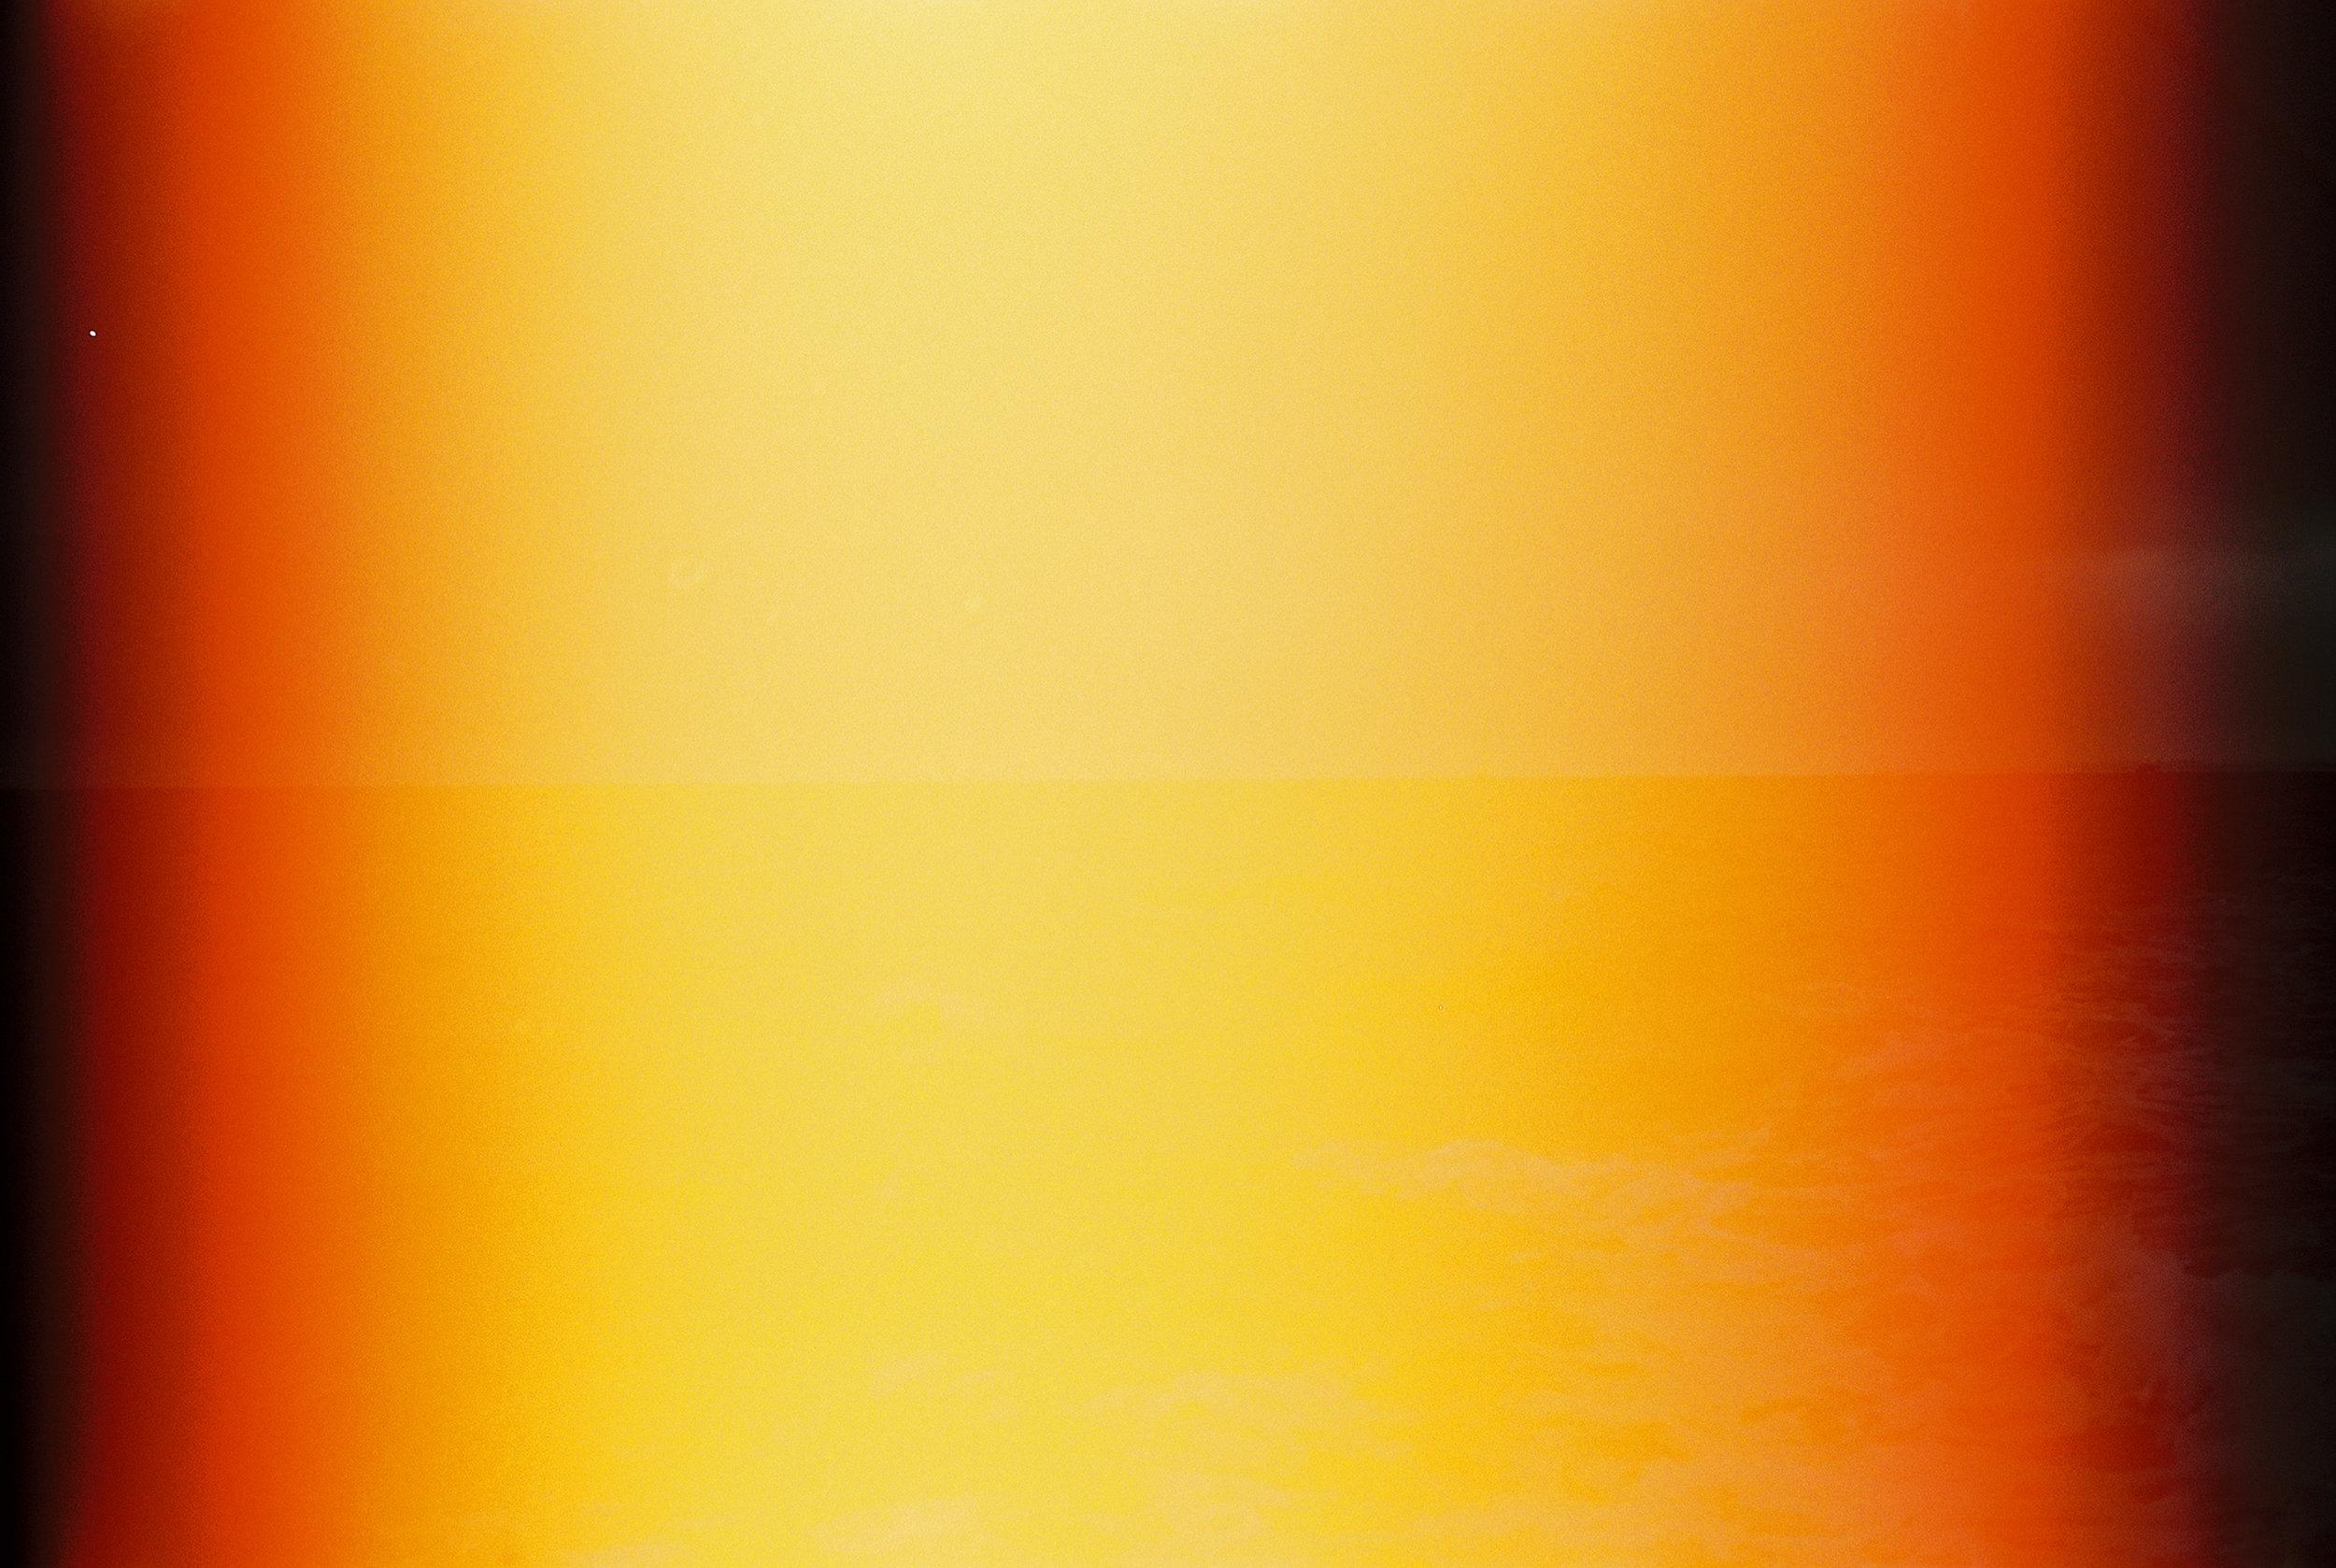 x449622_x449622-R1-022-9A.jpg